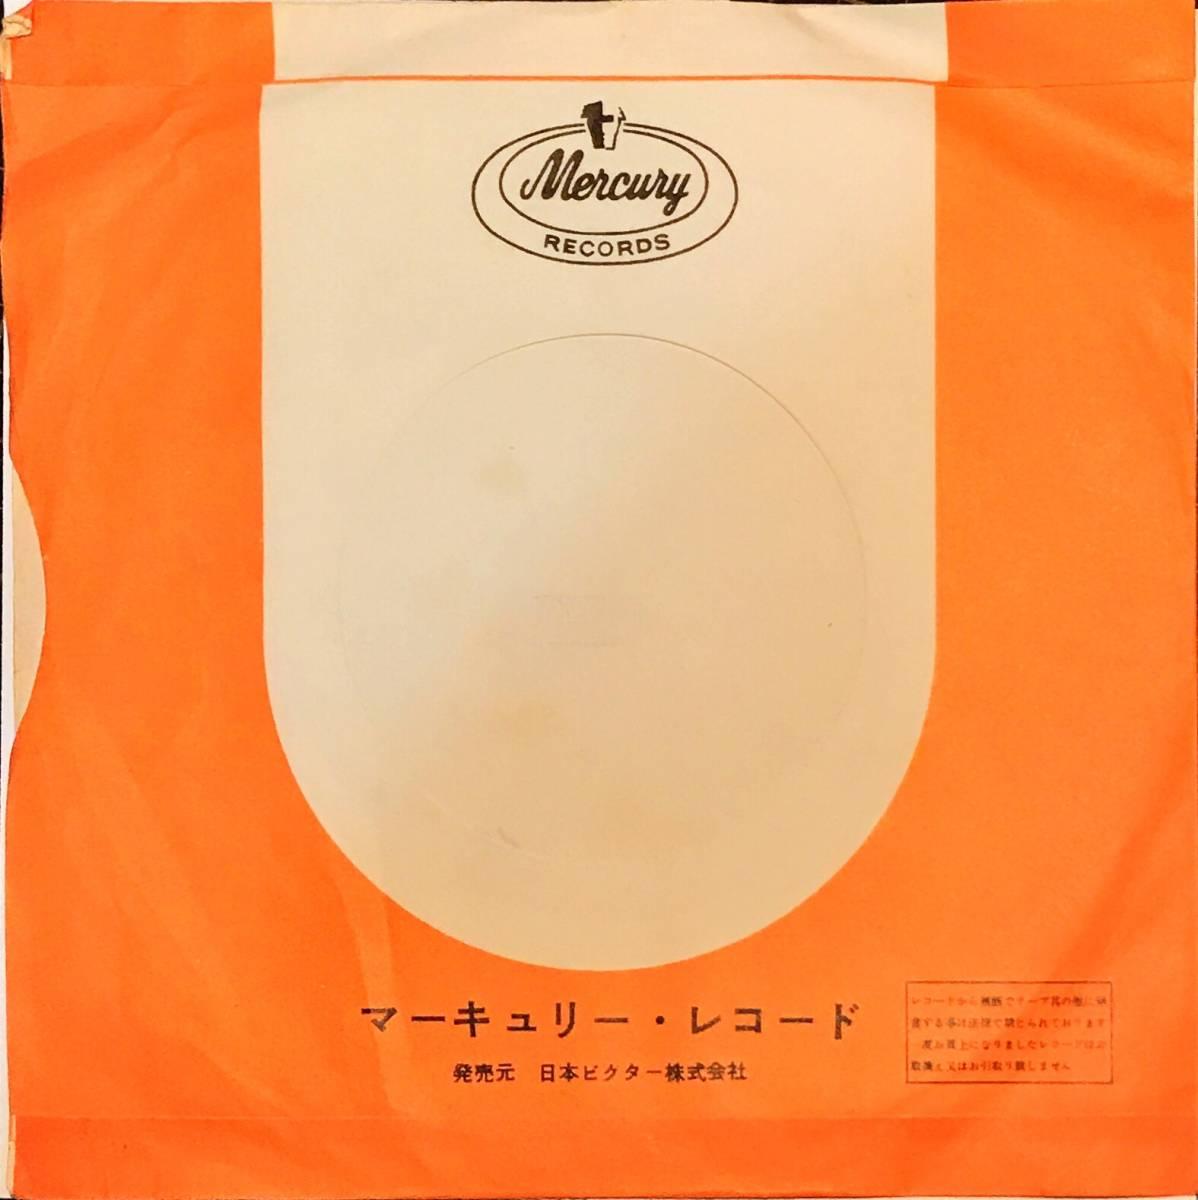 【試聴】日本盤SWINGジャズ45 サラ・ヴォーン // ハウ・ハイ・ザ・ムーン / バードランドの子守唄【EP】スイングJAZZ sarah vaughan 7inch_画像3